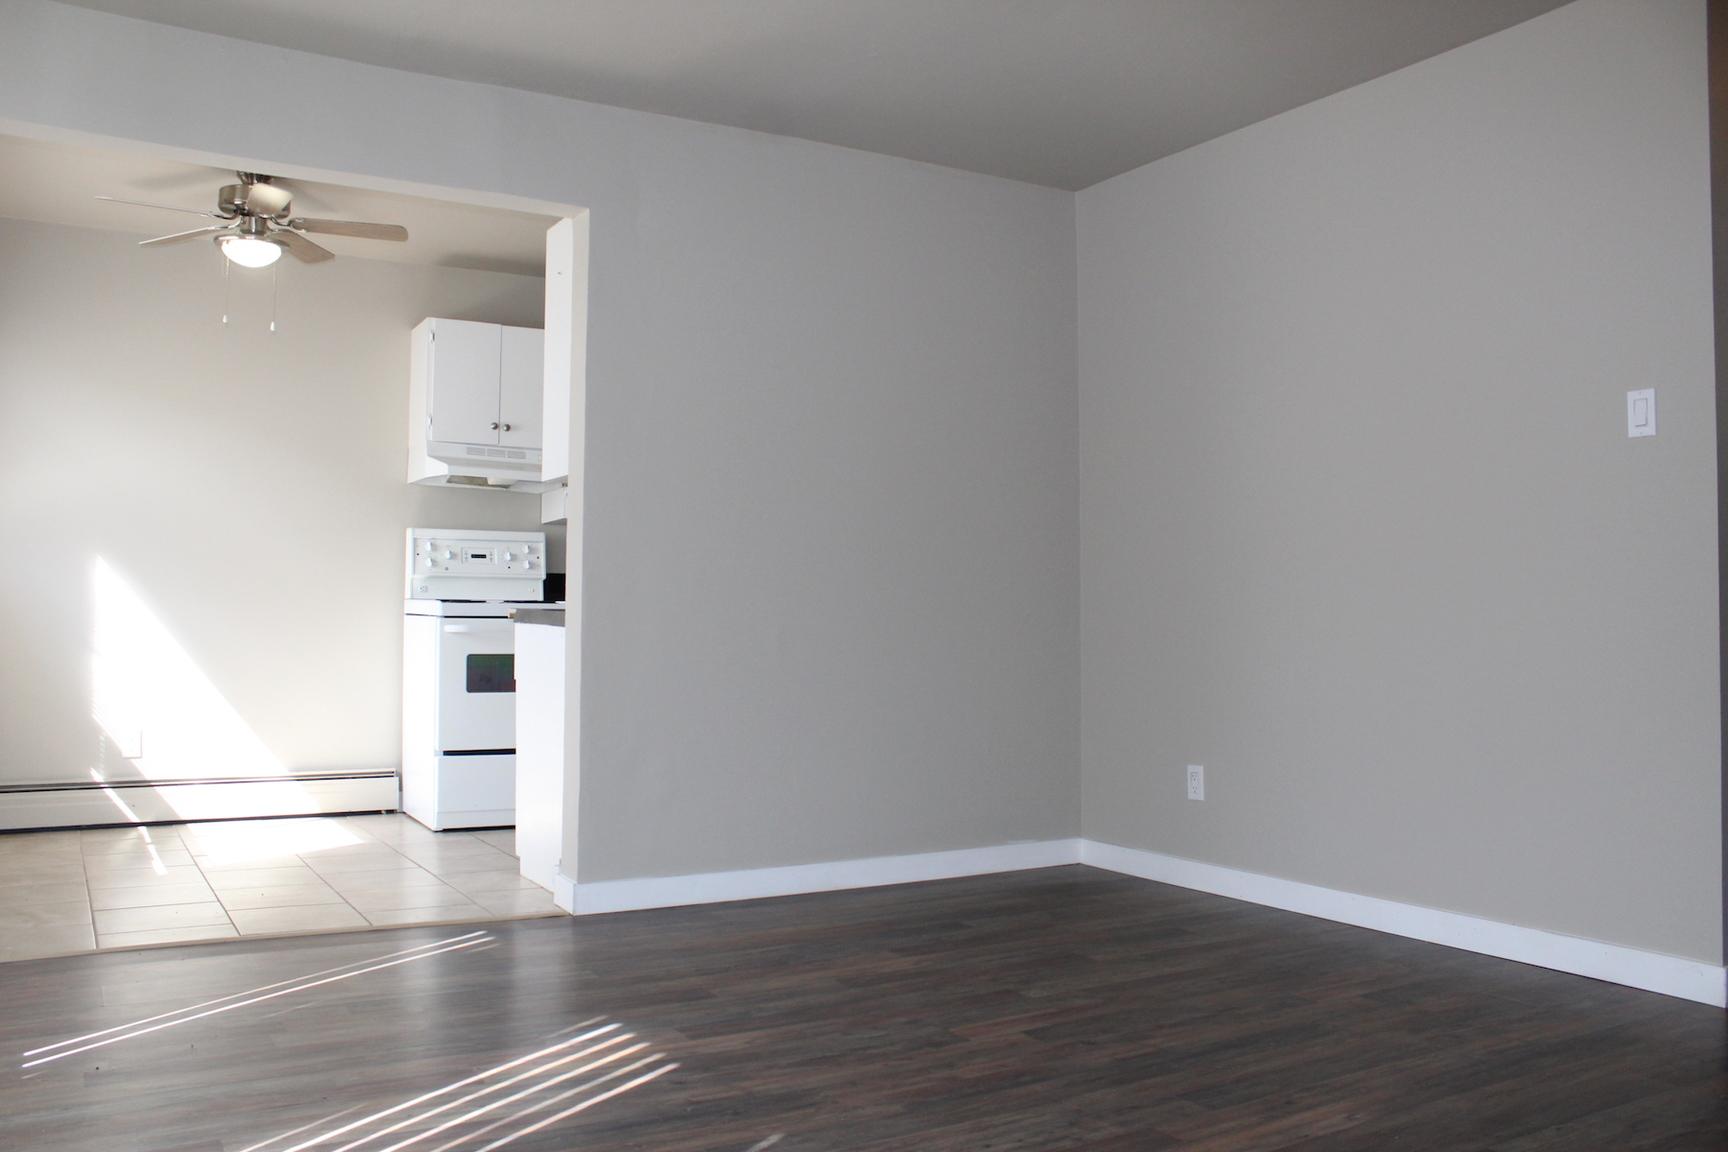 11124 124 Street, Edmonton, AB - $1,125